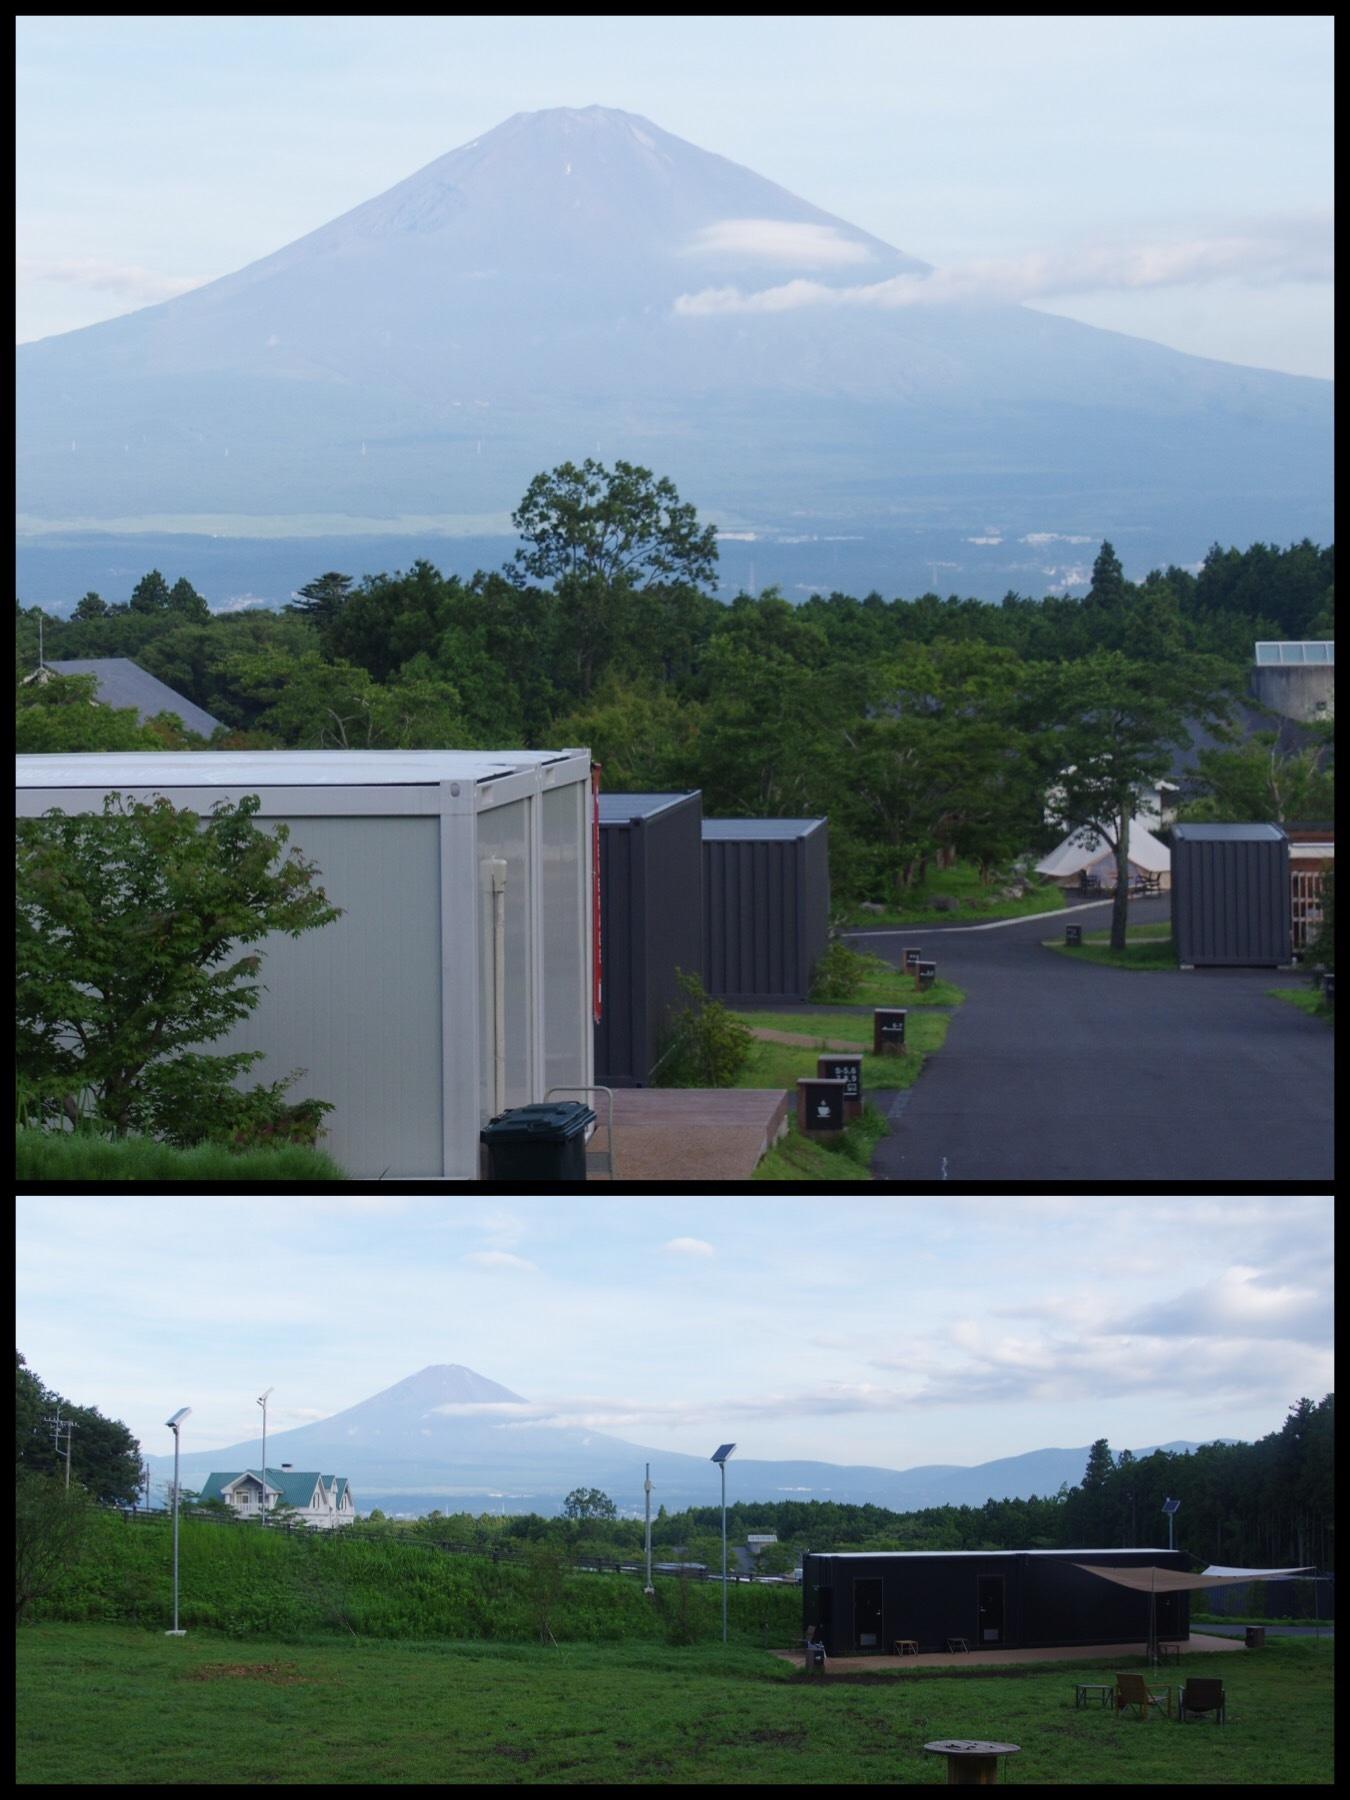 グランピング 御殿場 ふじのきらめき 藤乃煌 富士山